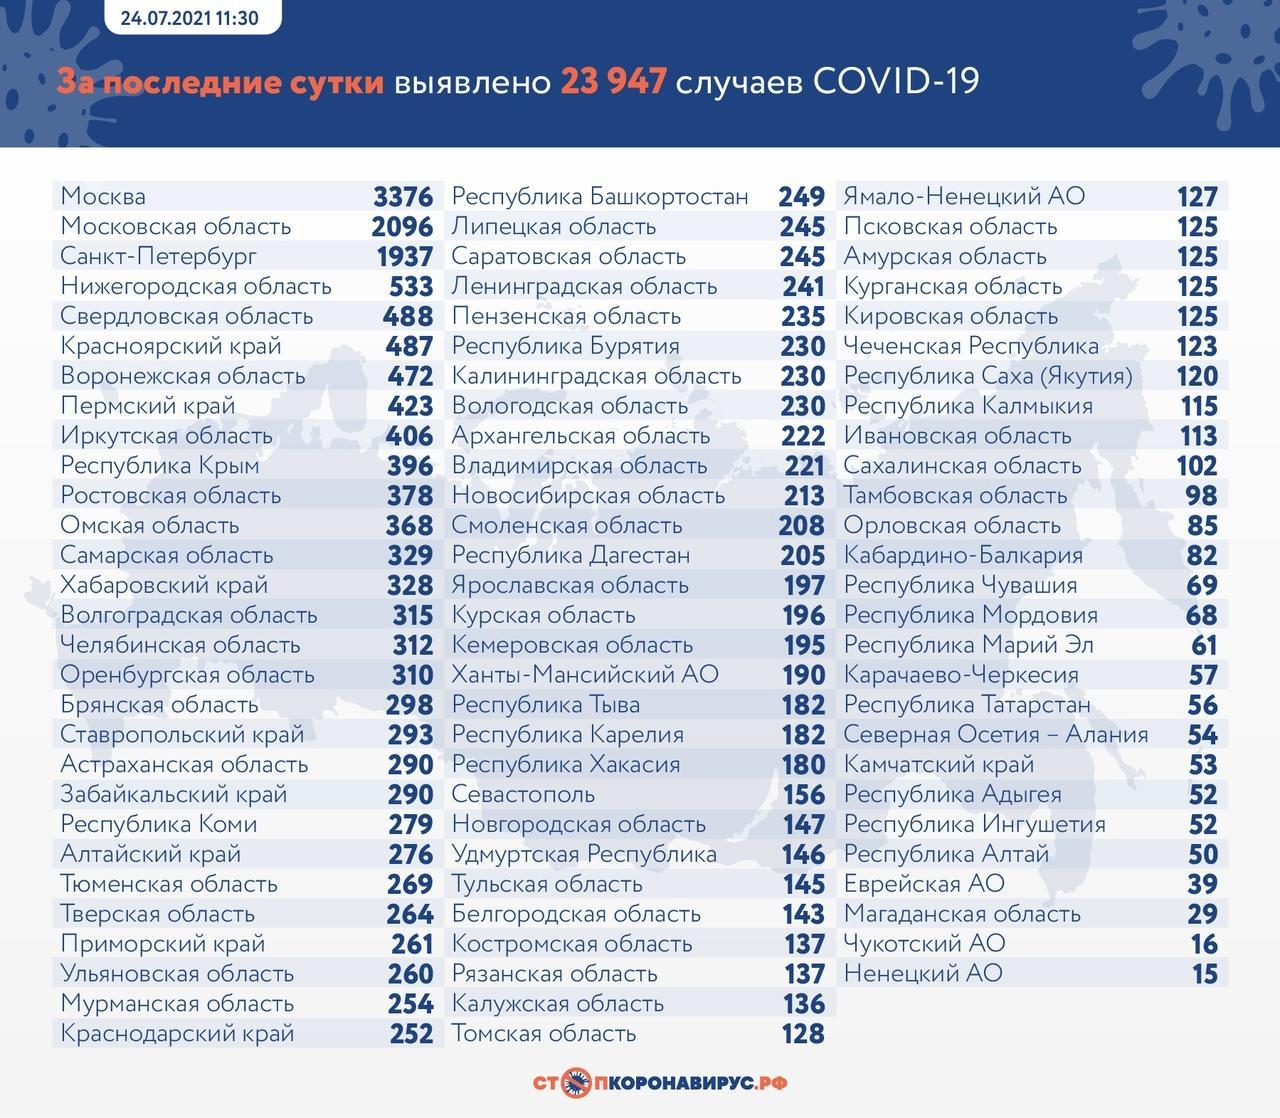 Фото Почти 24 тысячи новых заражений COVID-19 зафиксировано за сутки в России 2